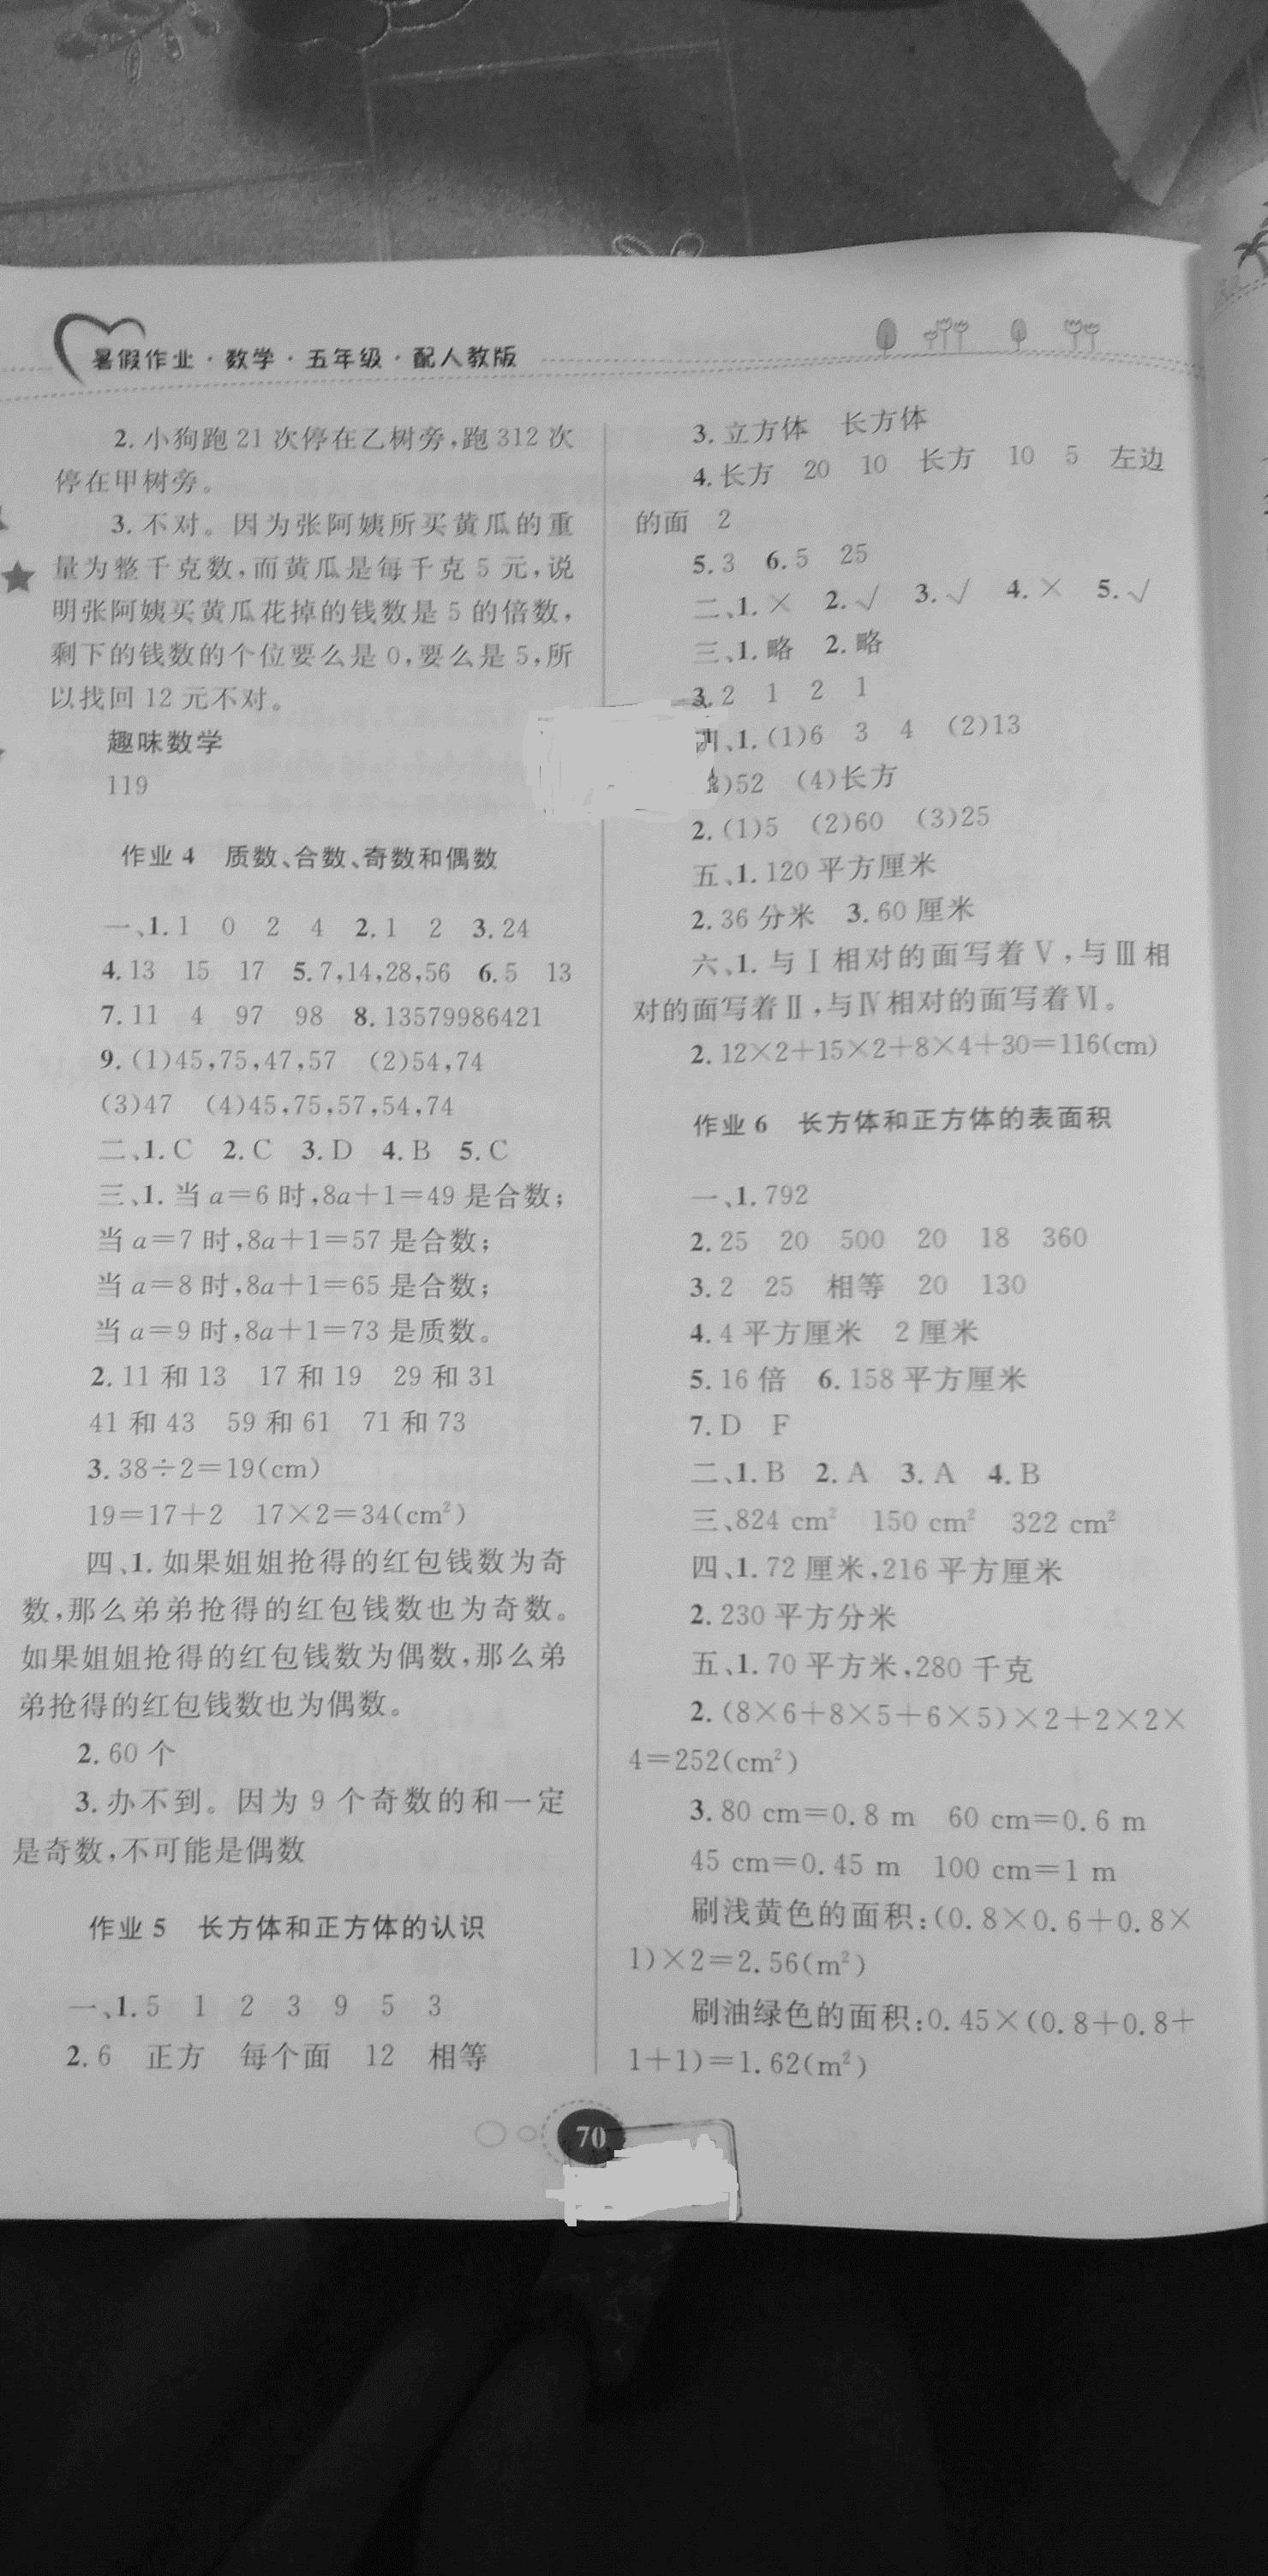 2020年暑假作業五年級數學人教版貴州人民出版社參考答案第1頁